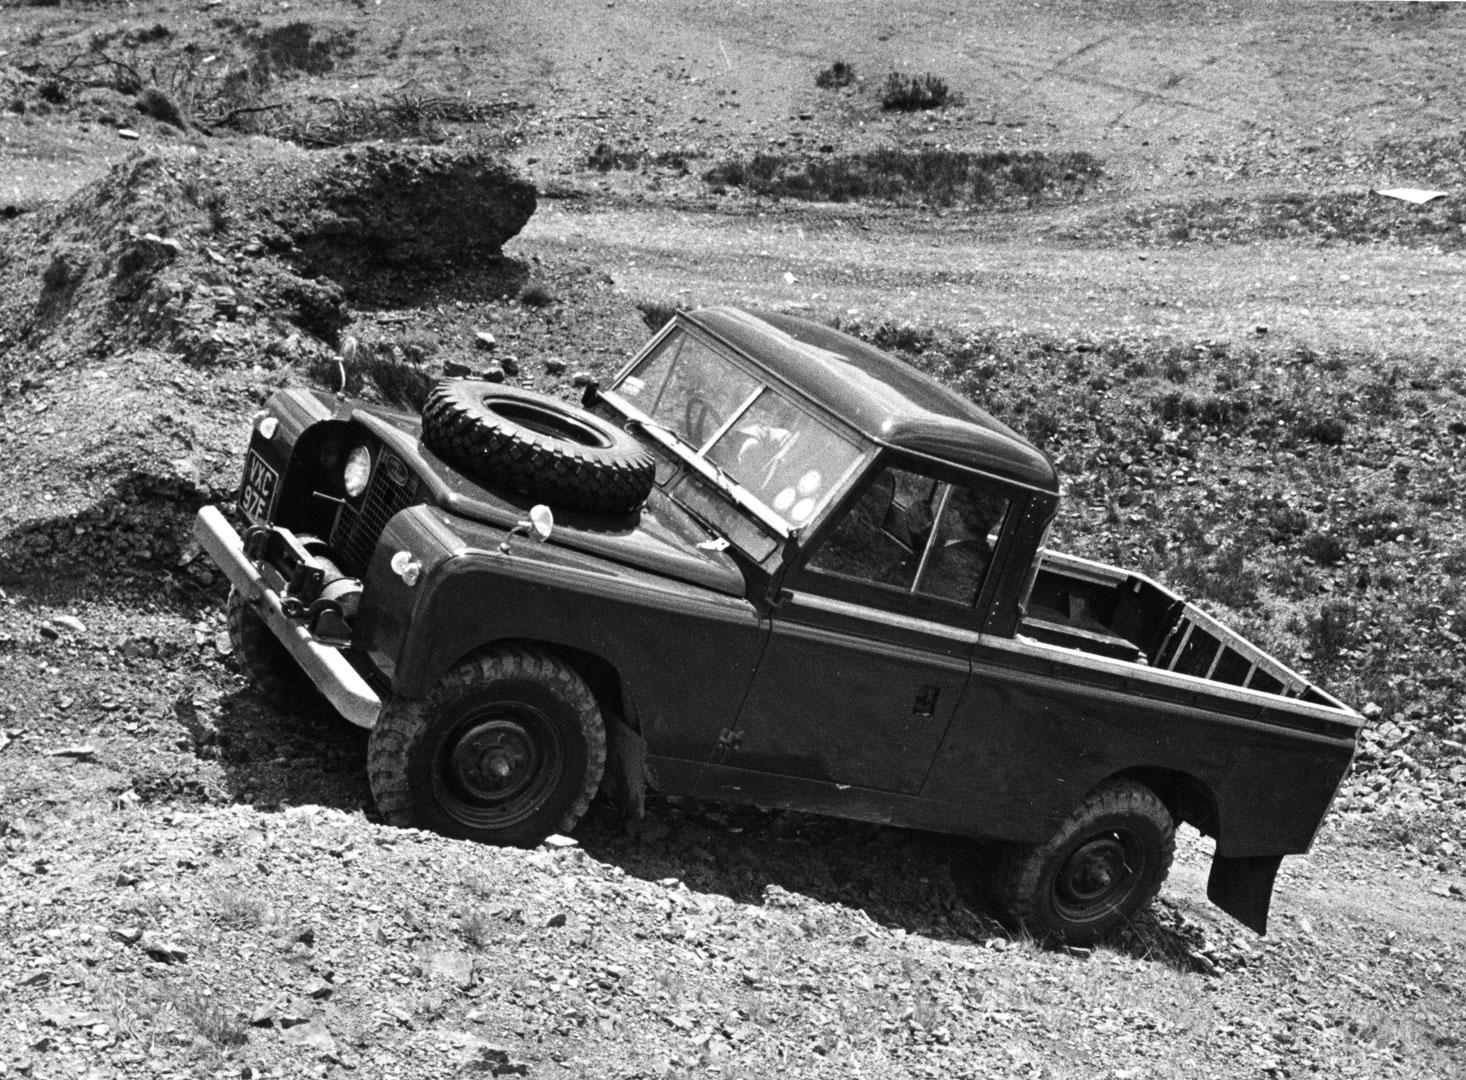 Series II pickup